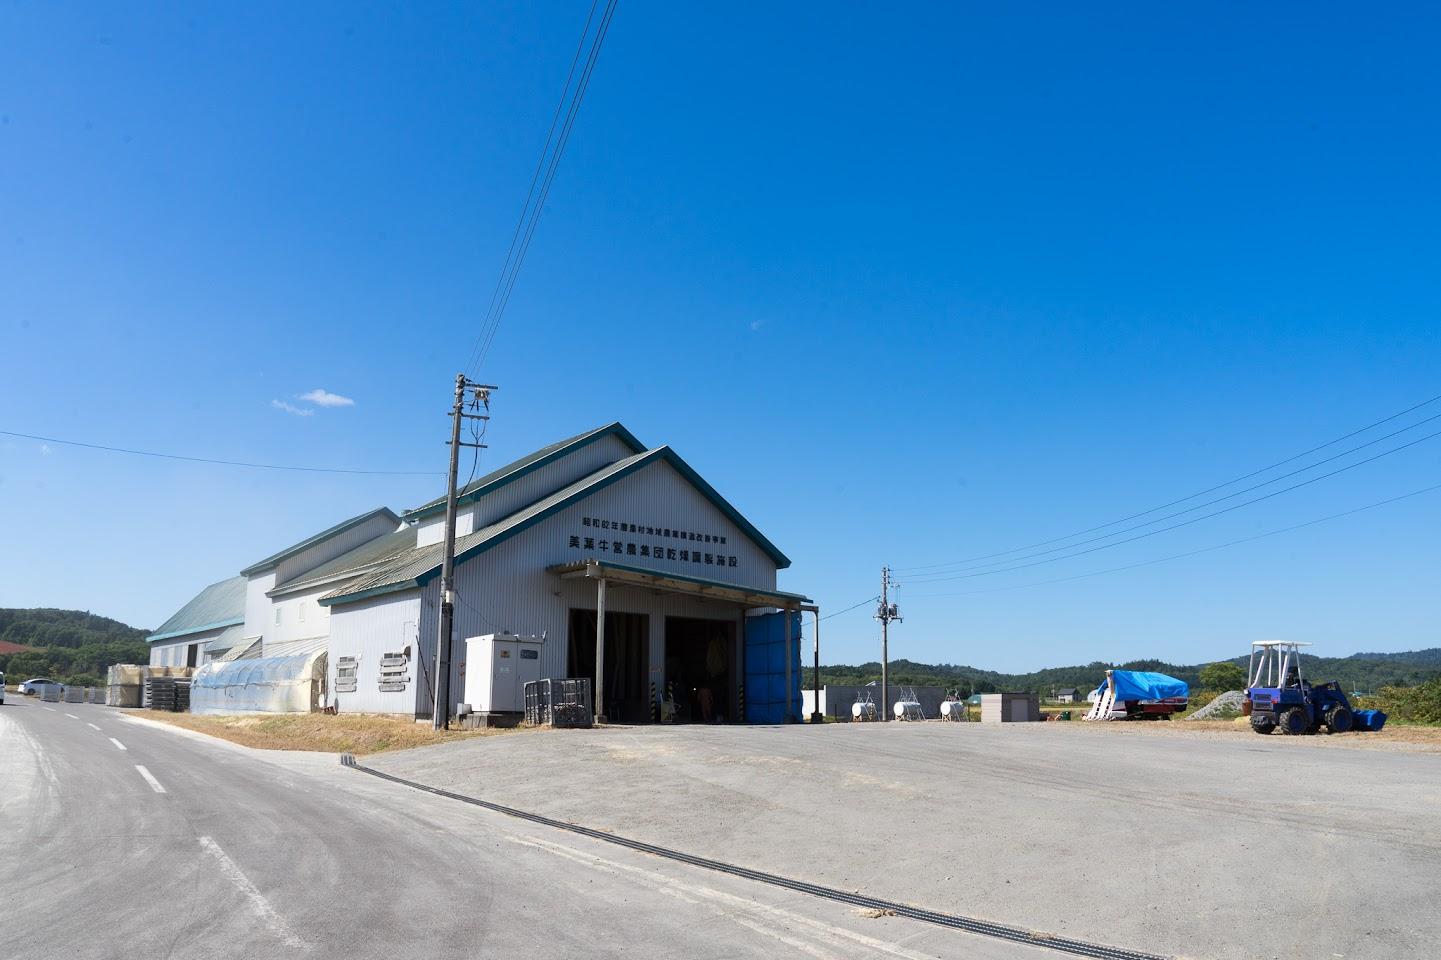 美葉牛営農集団乾燥調整施設